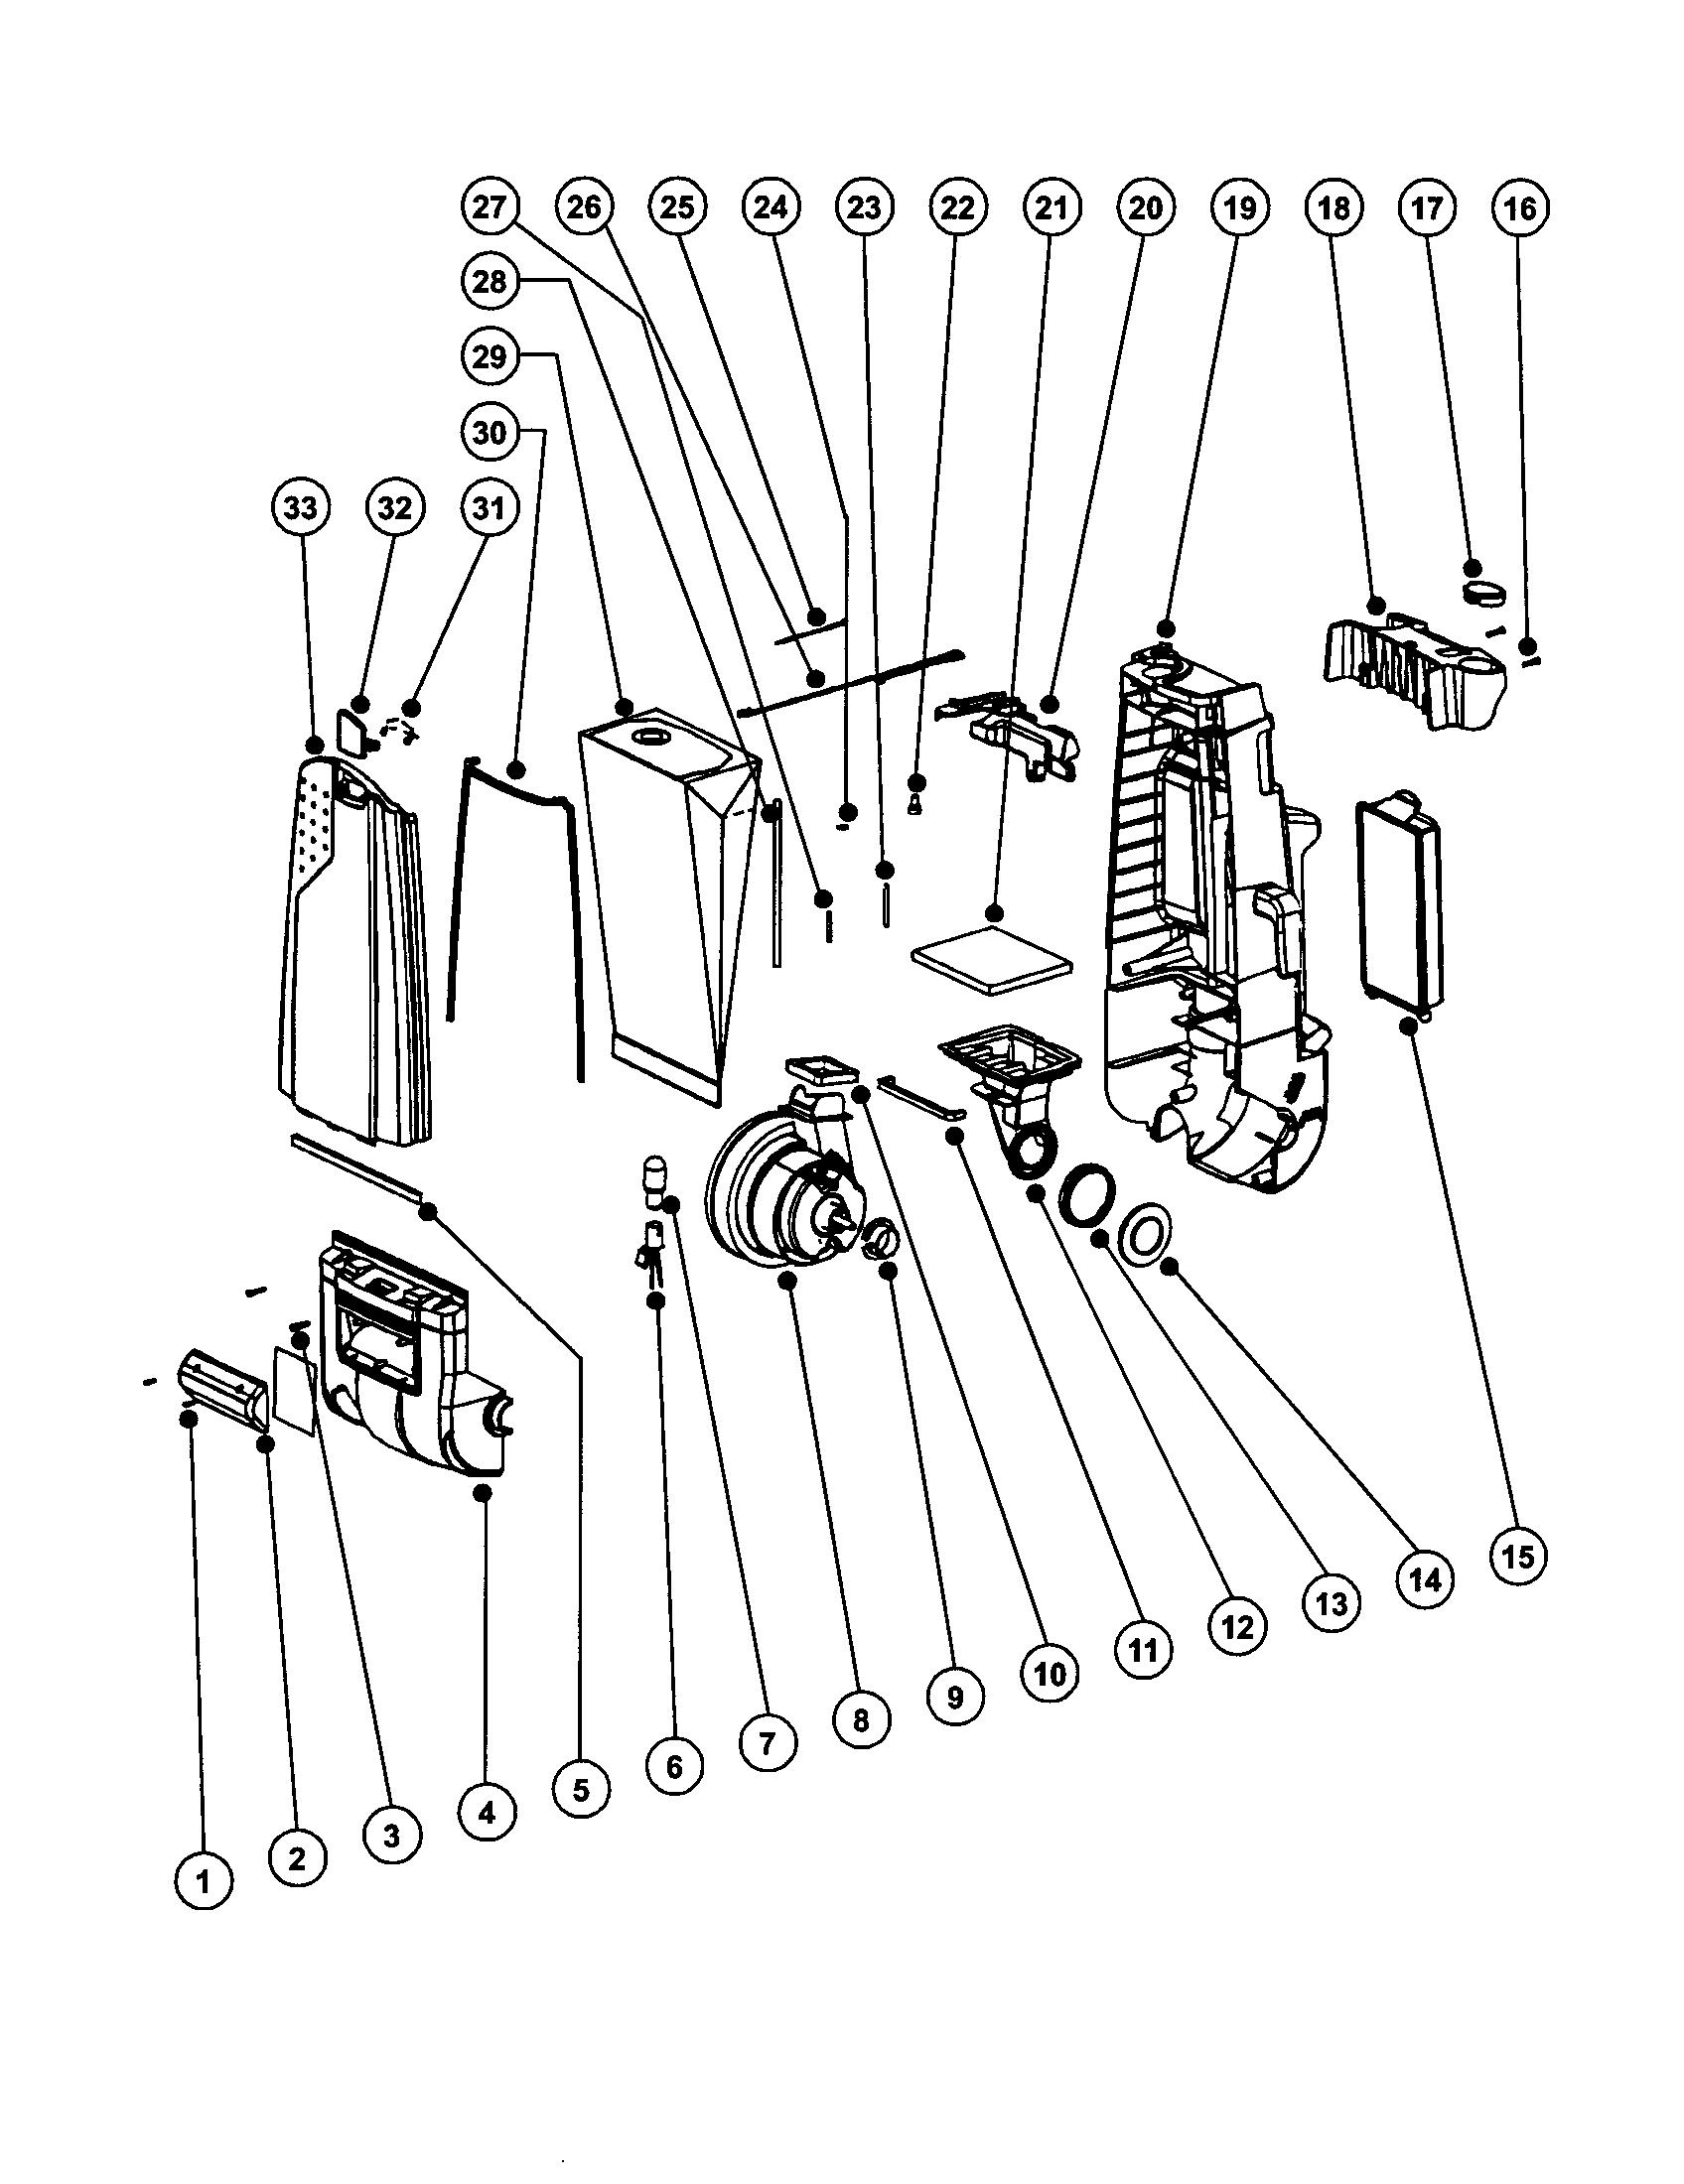 1986 oldsmobile cutlass supreme engine diagram best wiring library Muncie 4 Speed Repair Diagram 1986 oldsmobile cutlass supreme engine belt diagram